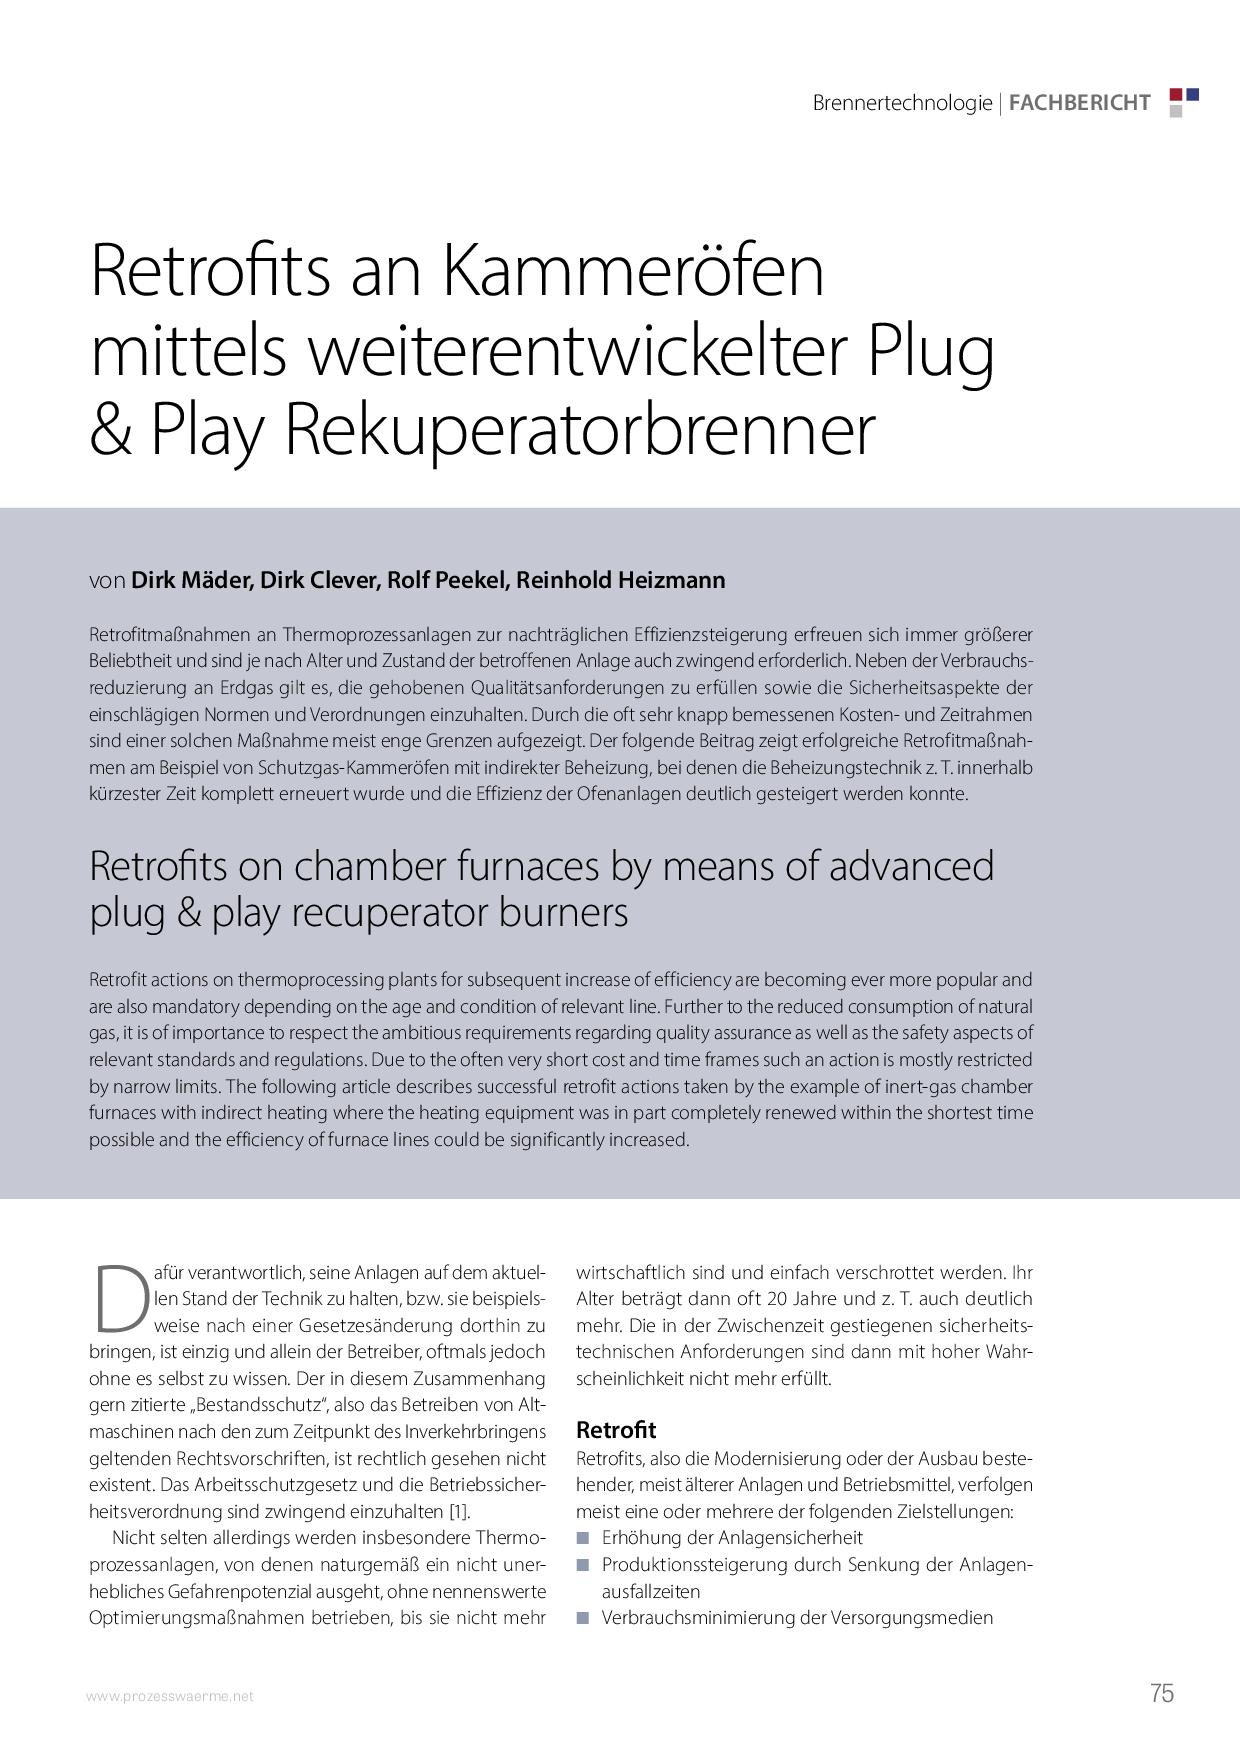 Retrofits an Kammeröfen mittels weiterentwickelter Plug & Play Rekuperatorbrenner